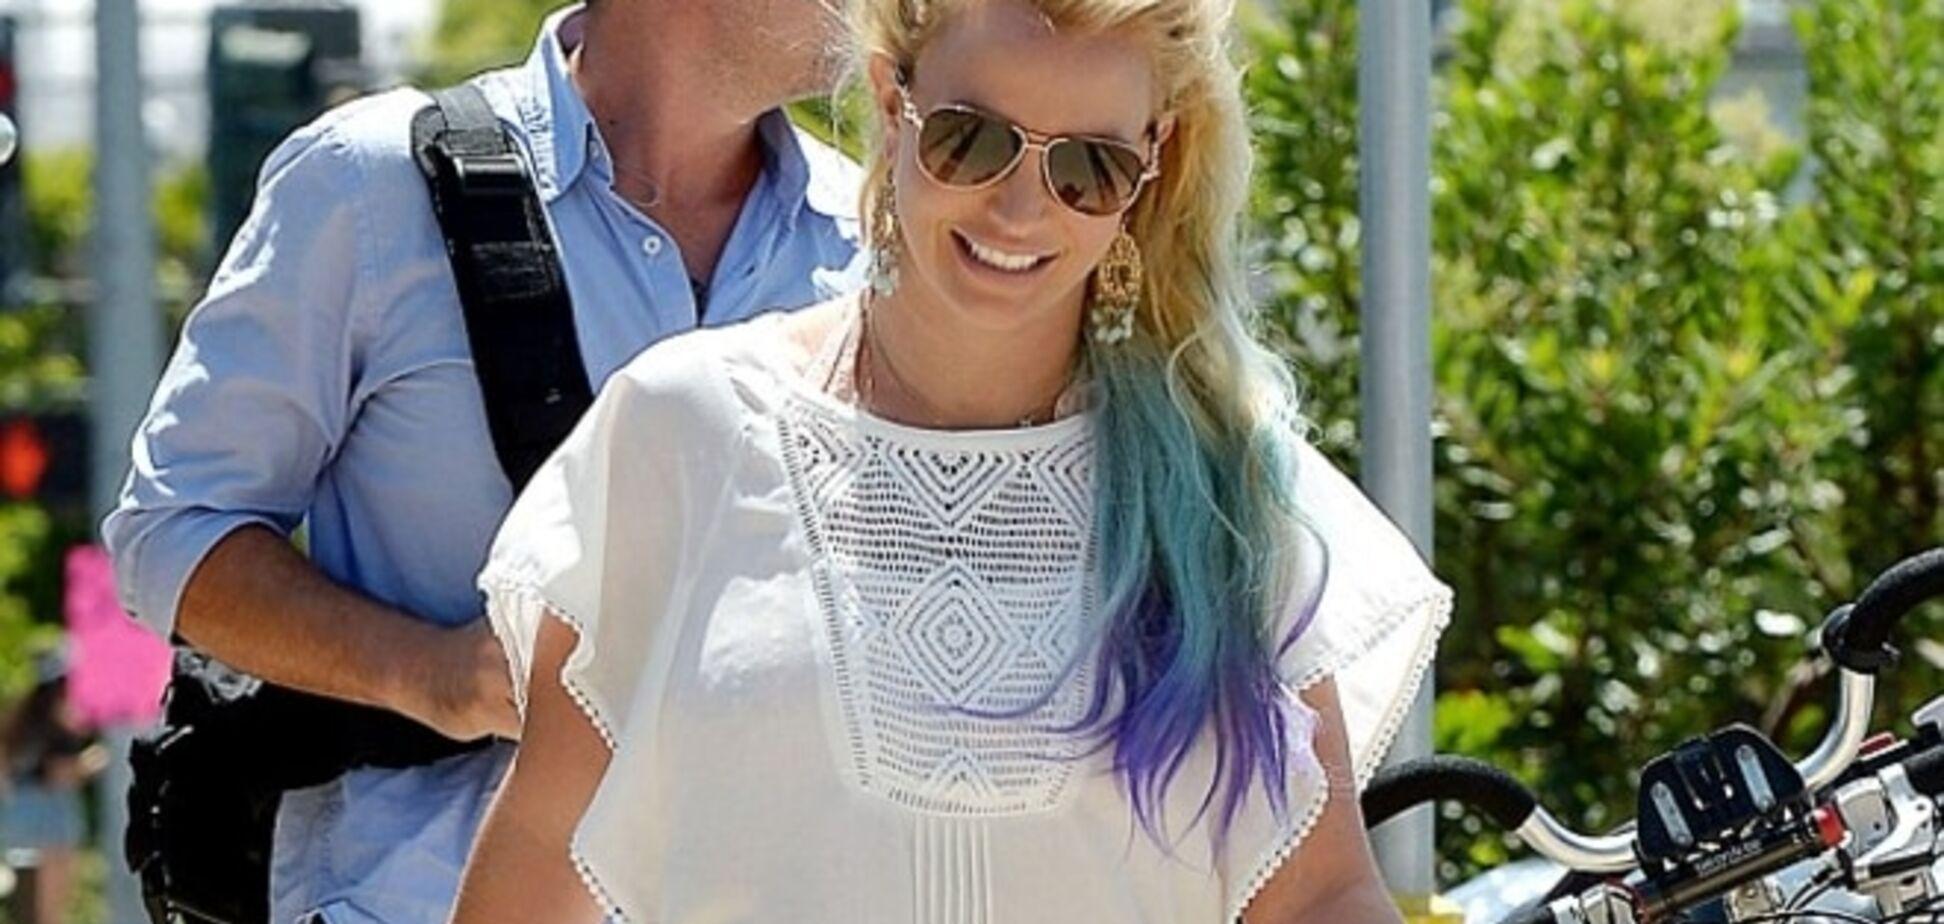 Бритни Спирс поразила радужными волосами и толстыми ляжками